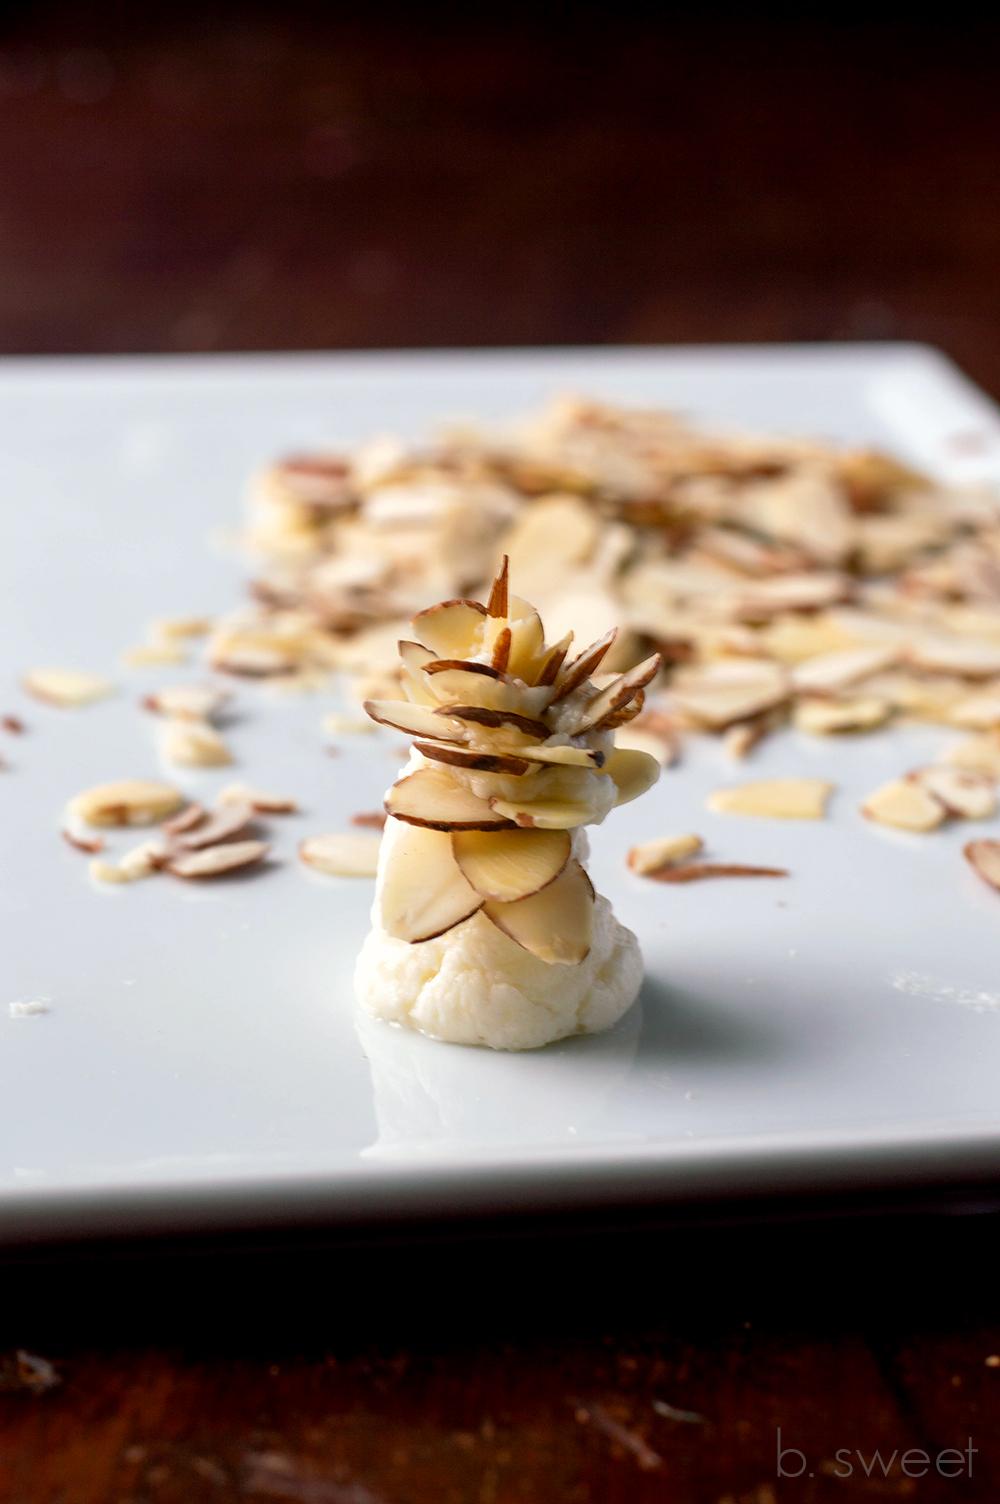 Winter White Yule Log - almond slice pinecones - b. sweet